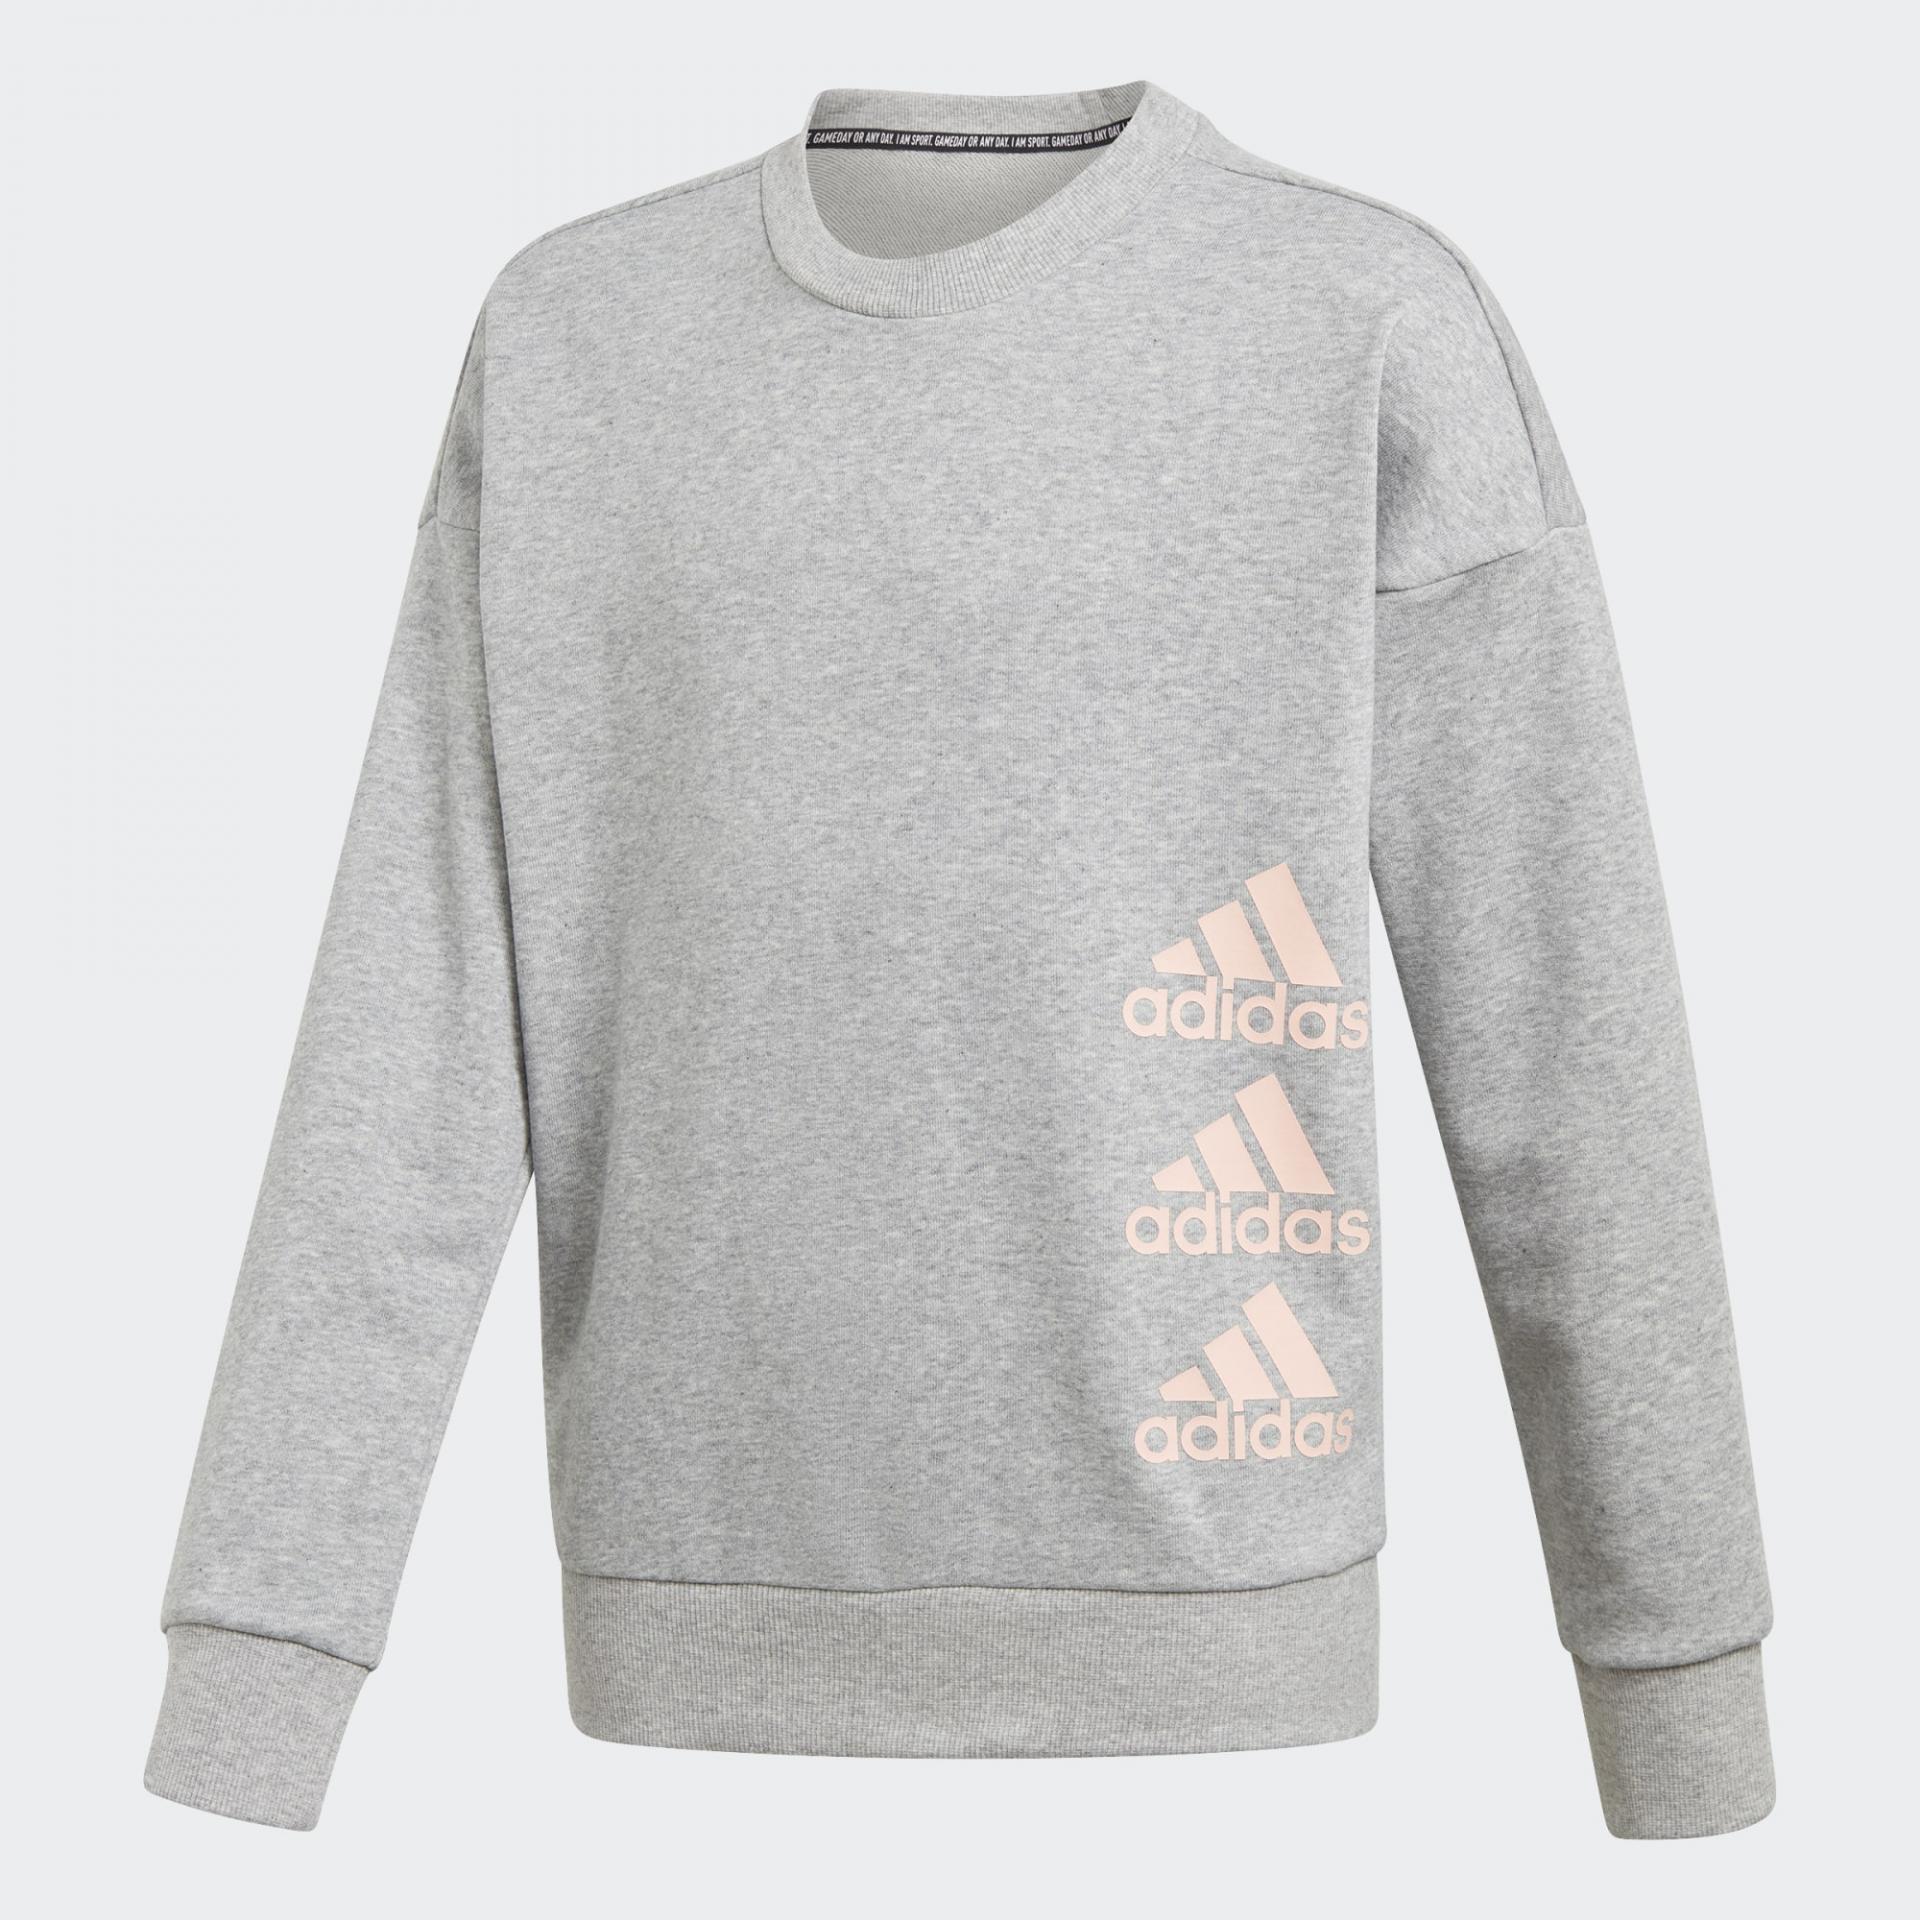 Adidas Sudadera Jg Mh Crew. GK3237 Grey/pink.